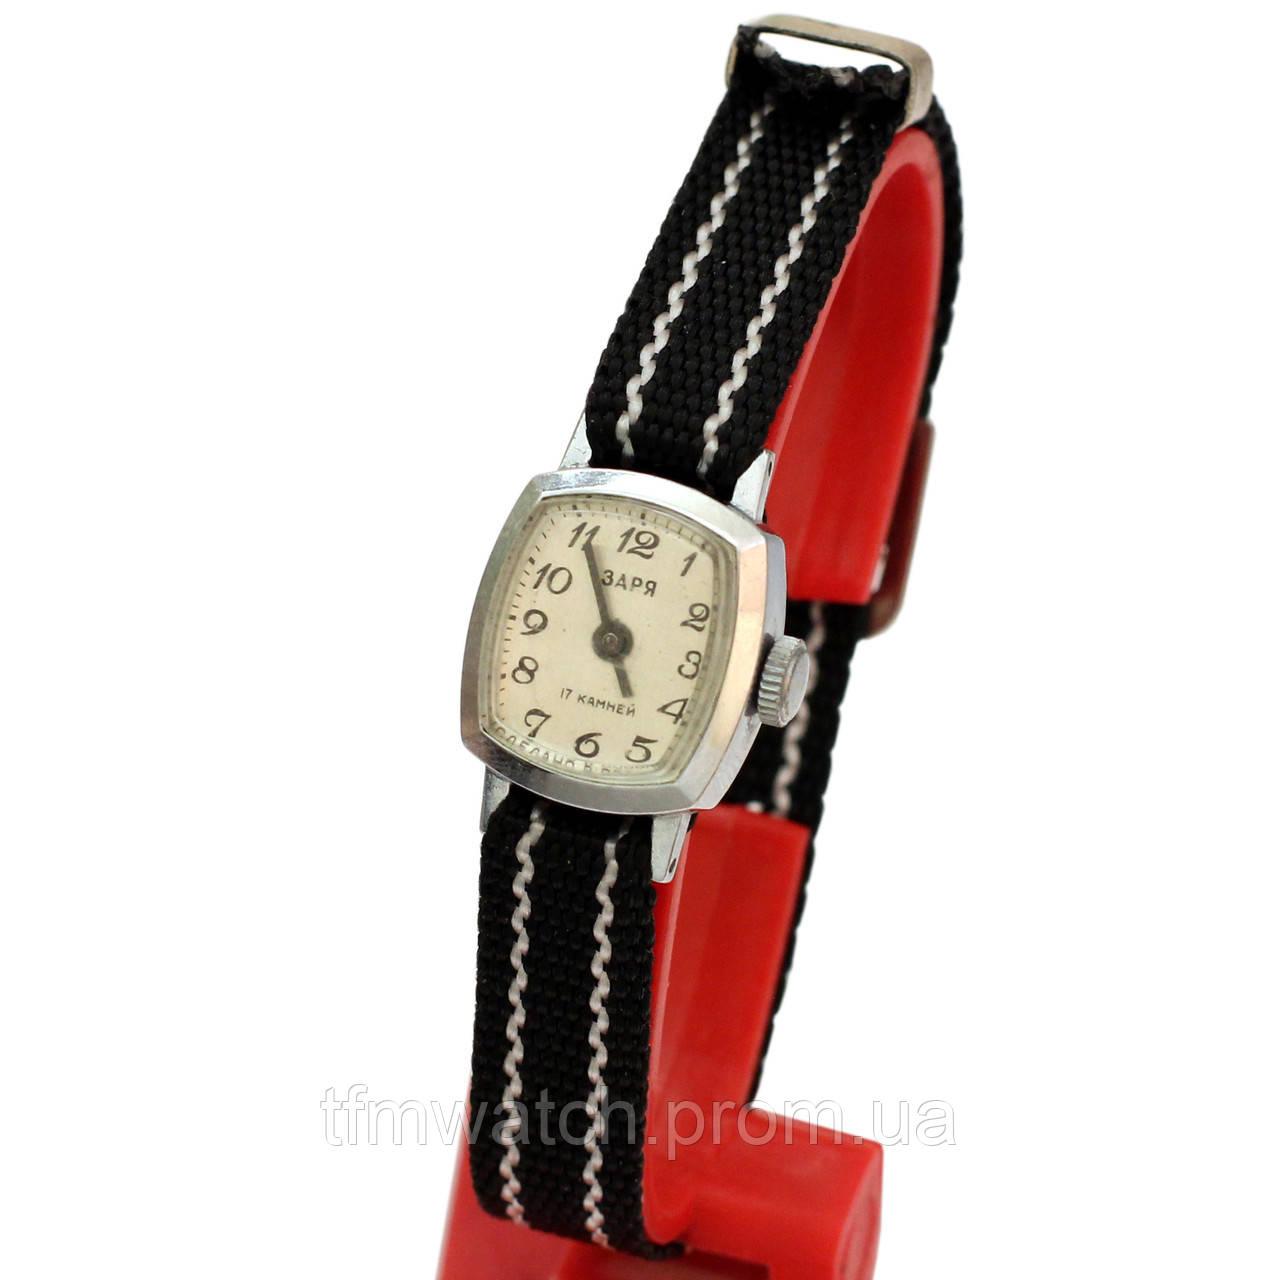 Женские часы Заря производства СССР